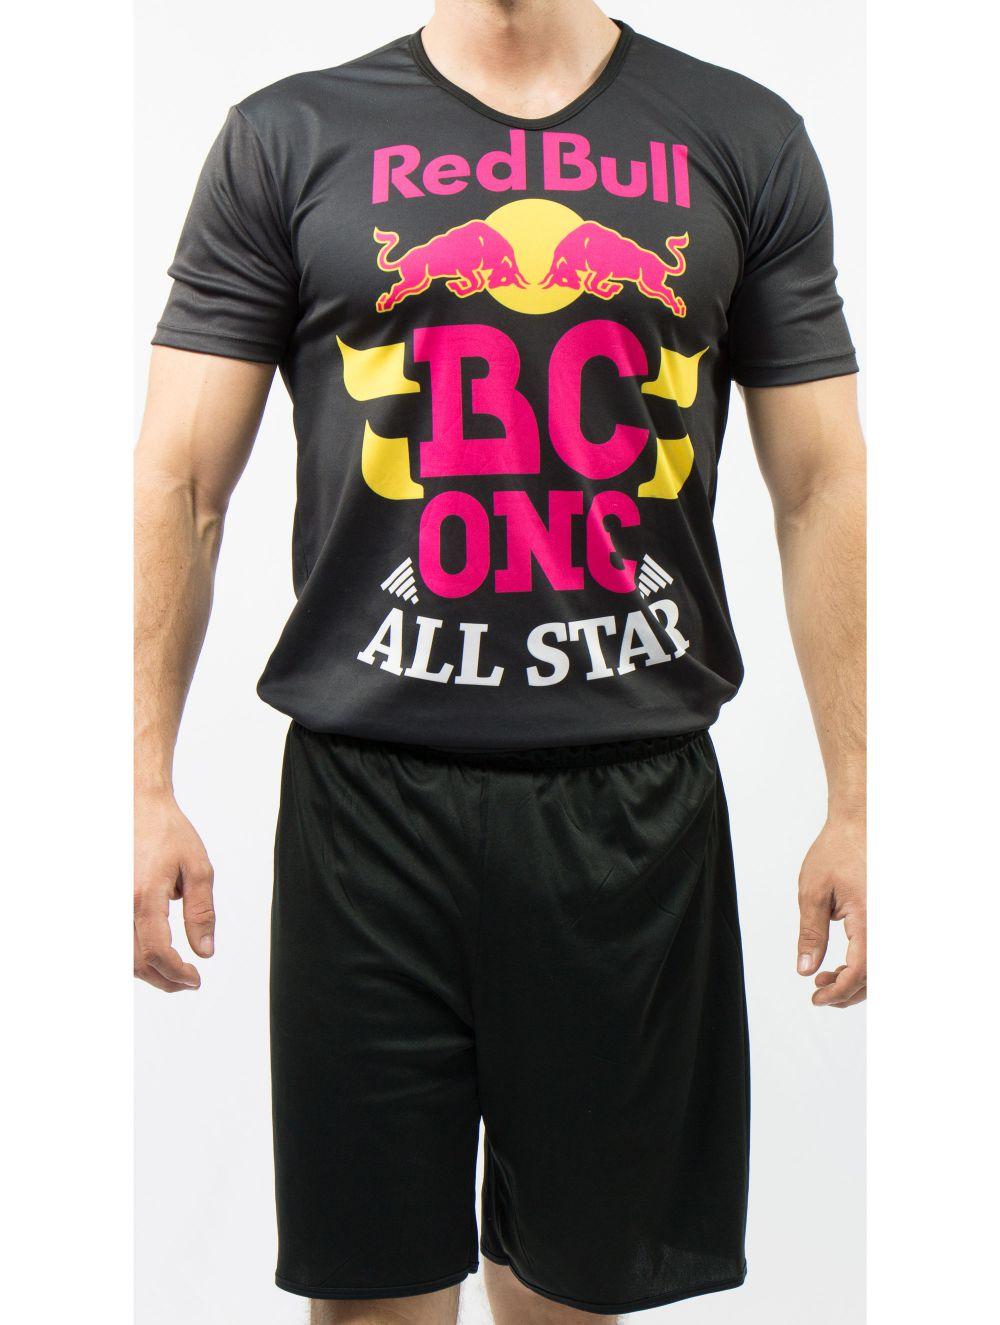 camisa sublimada em Dry Fit sport / calção sport